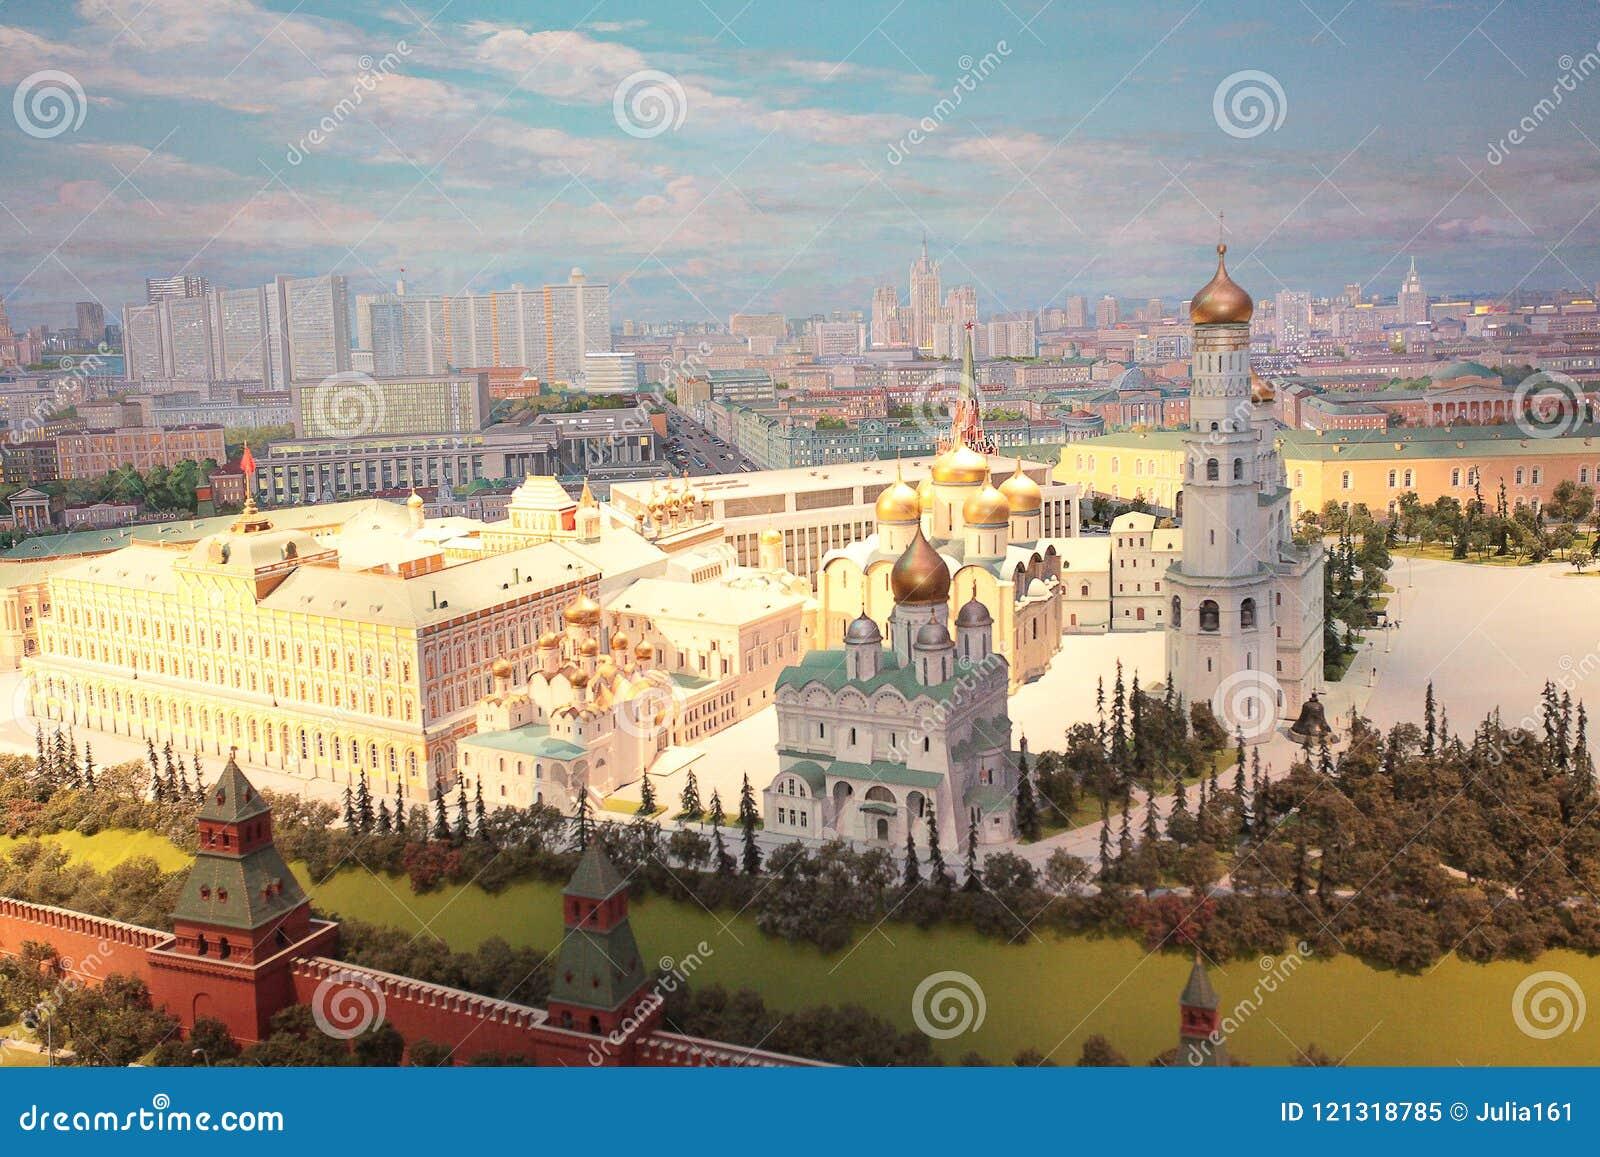 Modell Moskaus der Kreml in Hotel Radisson Ukraine